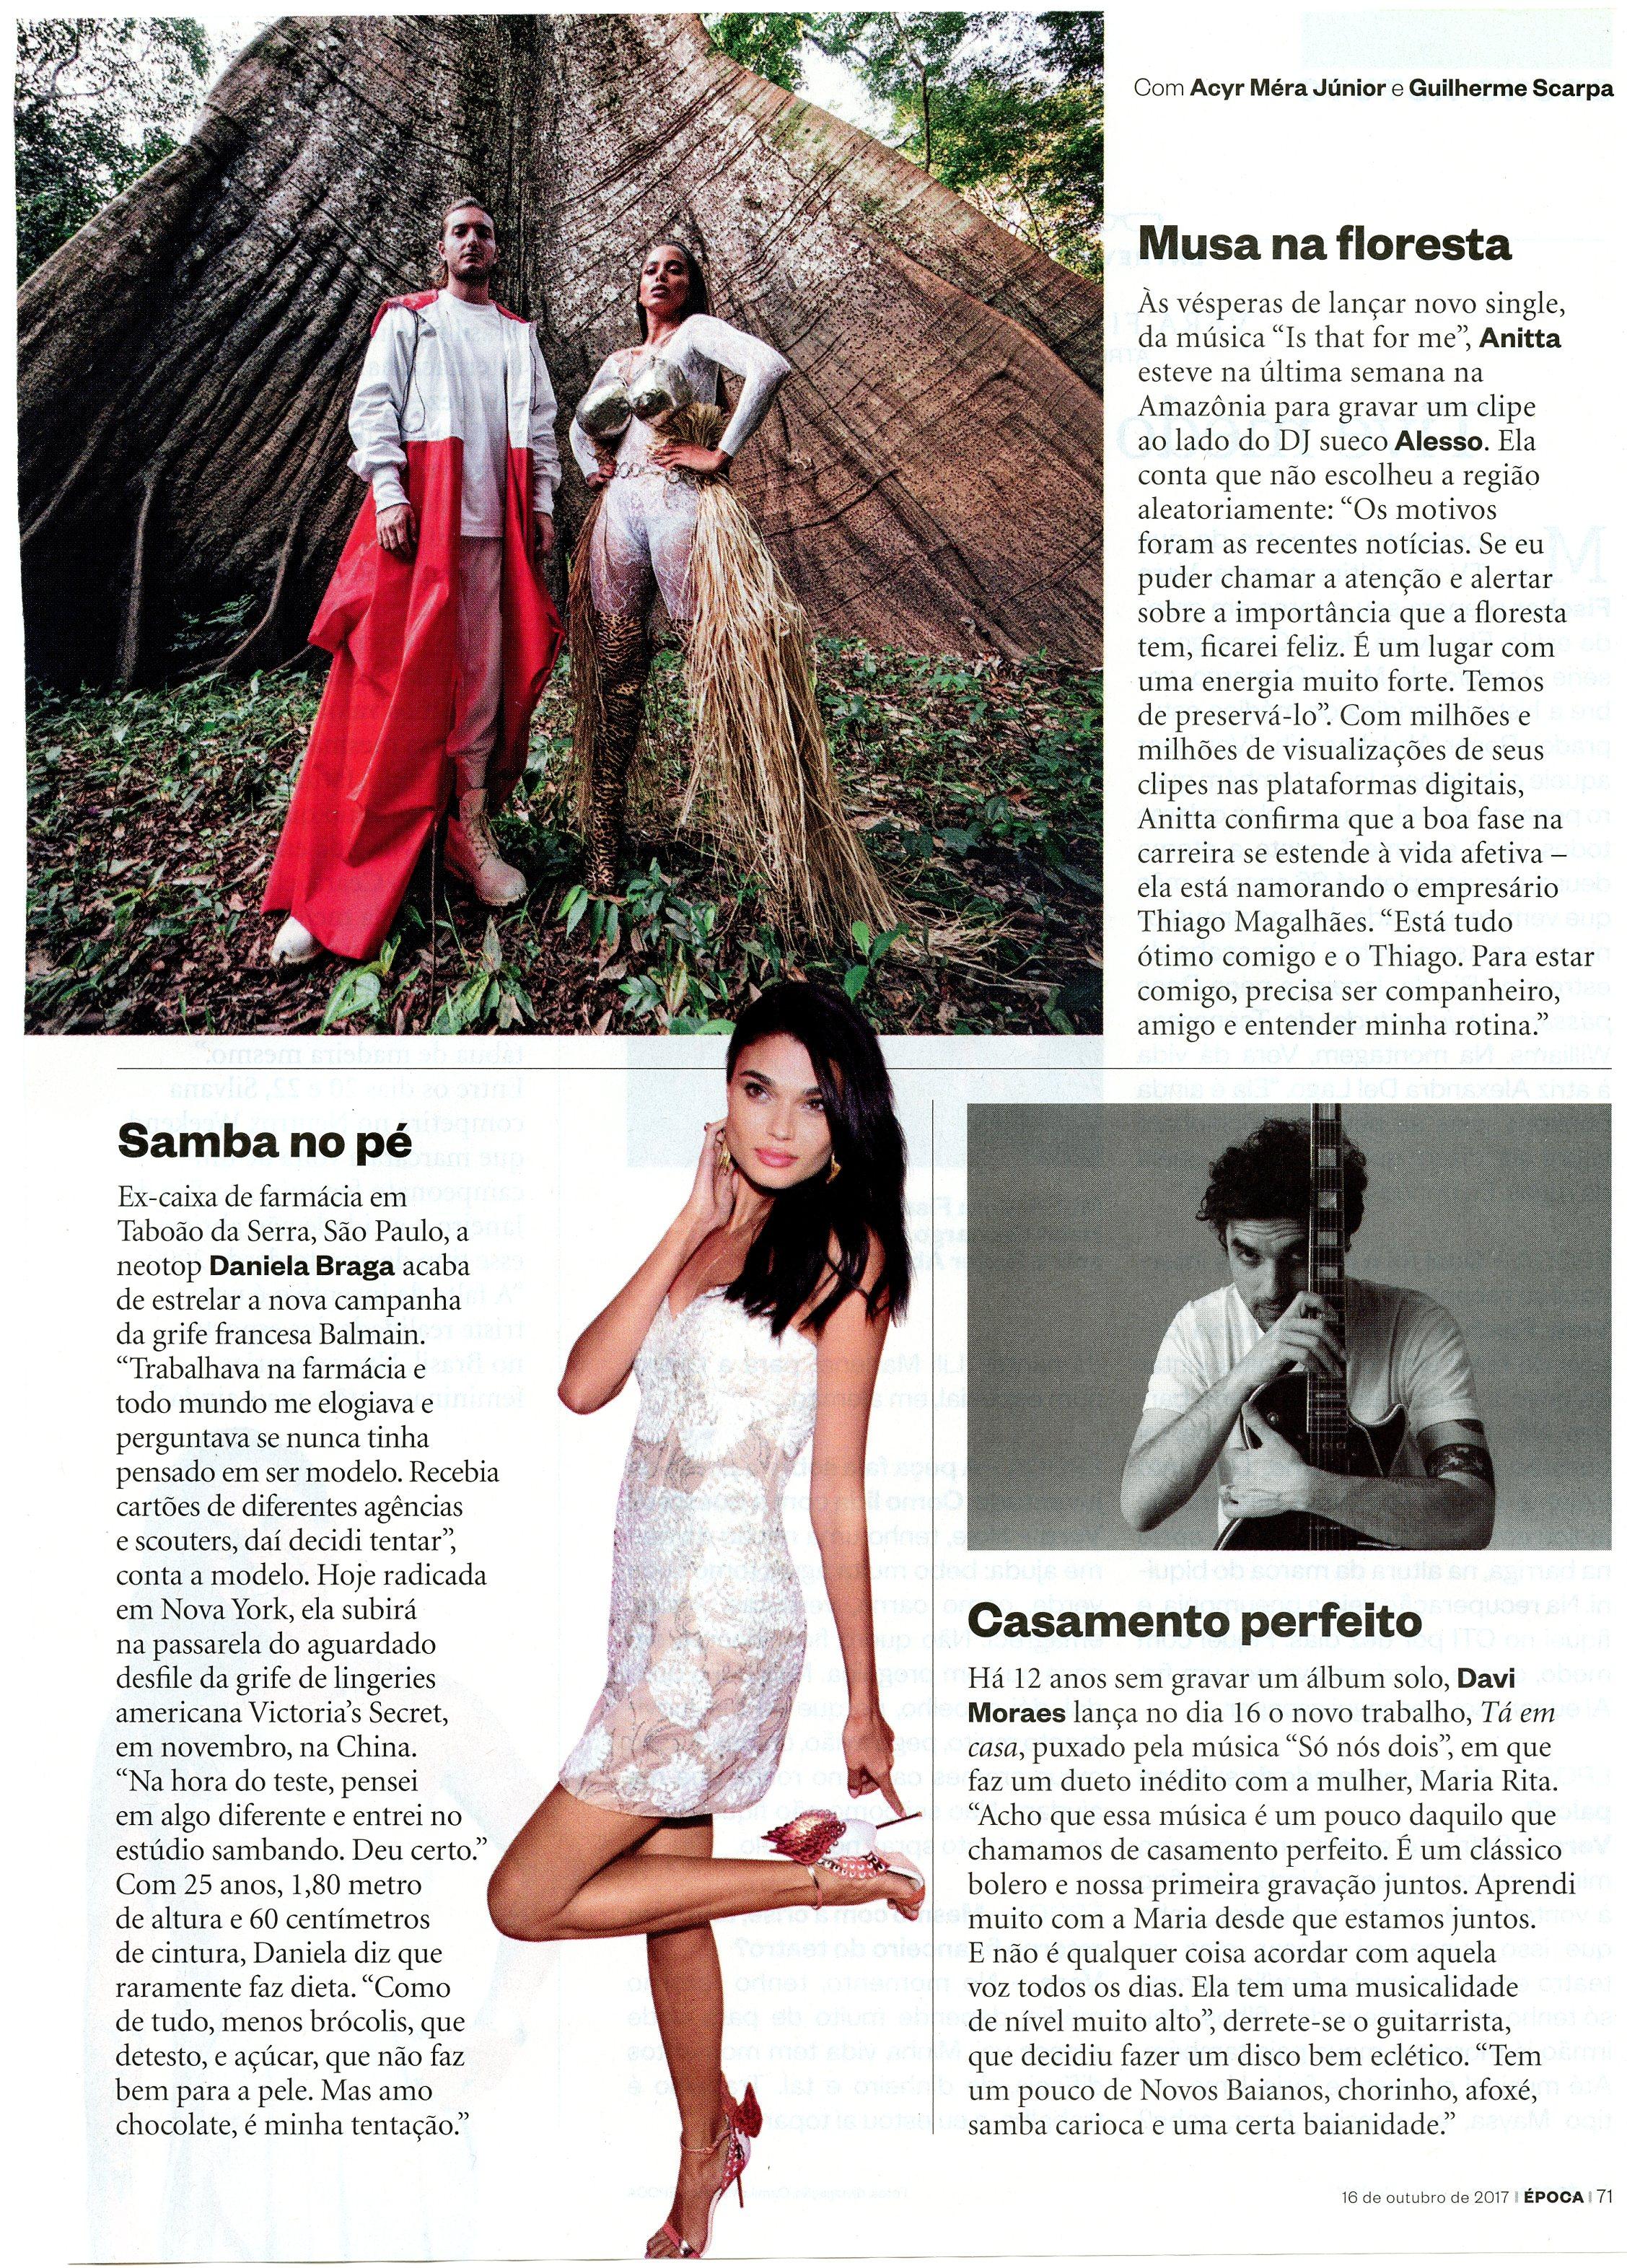 Click here to read the article: http://epoca.globo.com/sociedade/bruno-astuto/noticia/2017/10/ex-caixa-de-farmacia-no-interior-de-sao-paulo-vira-top-da-victorias-secret.html